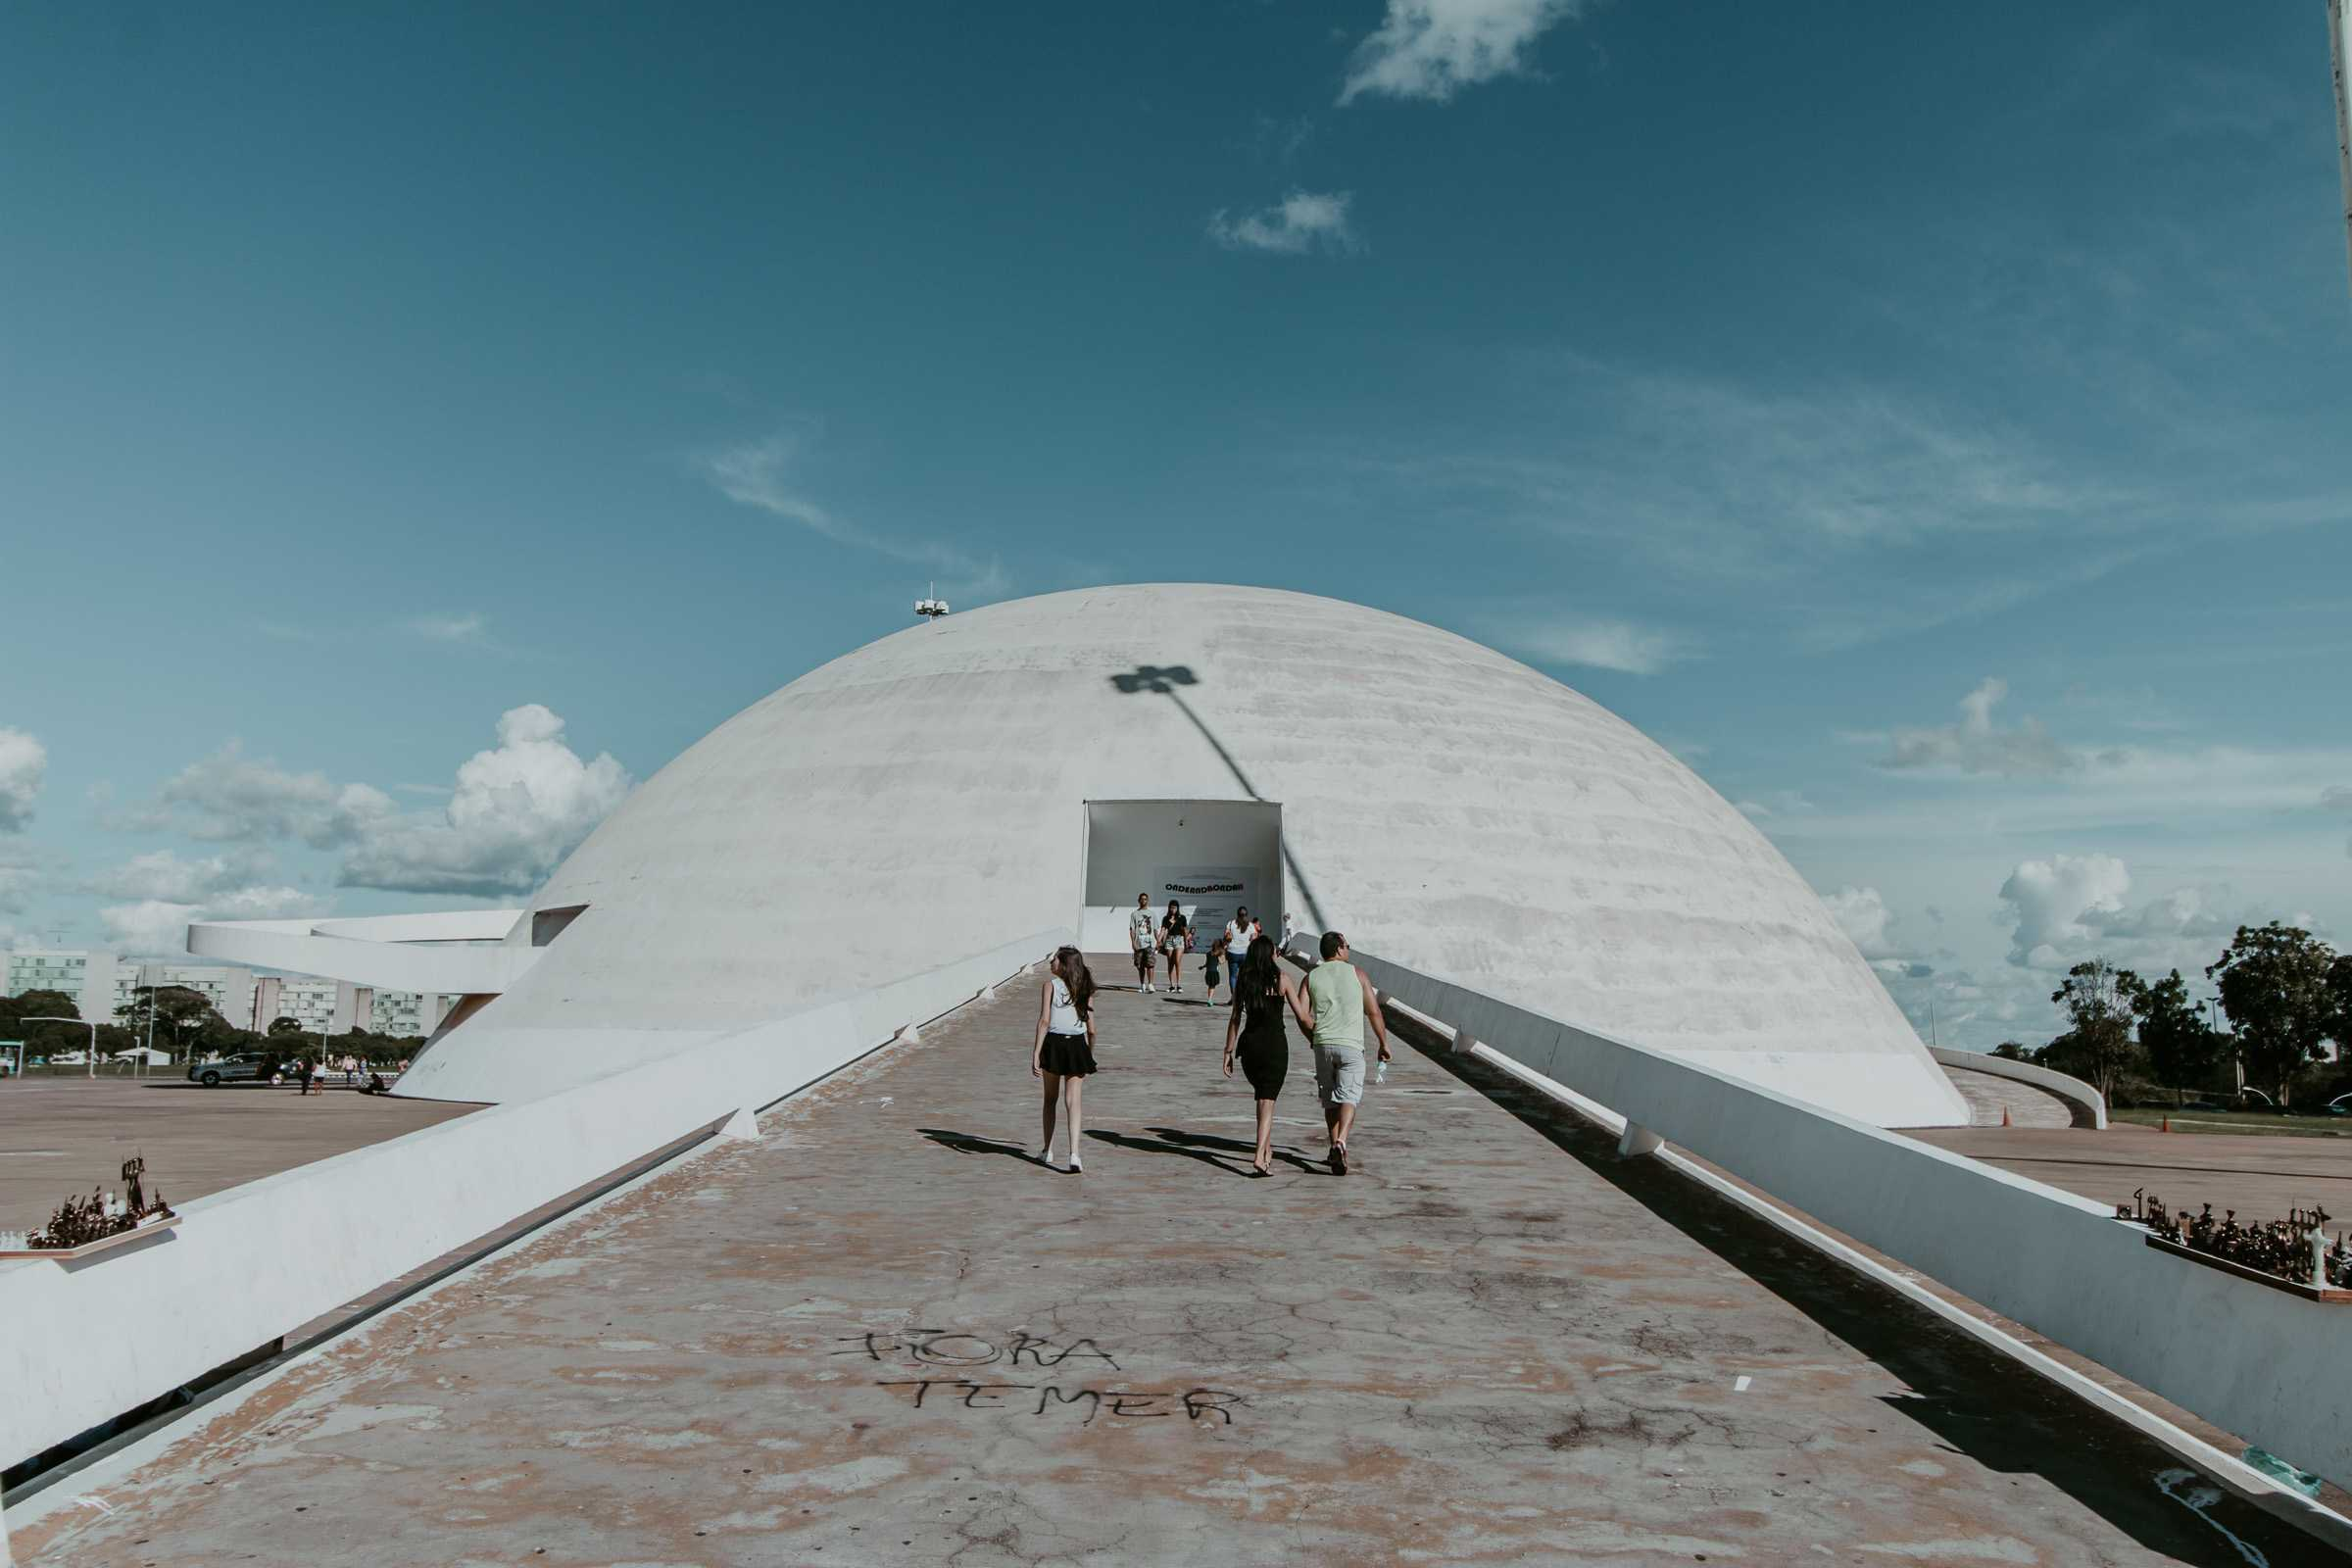 Brasília Sehenswürdigkeiten: Alles über die Hauptstadt Brasiliens!